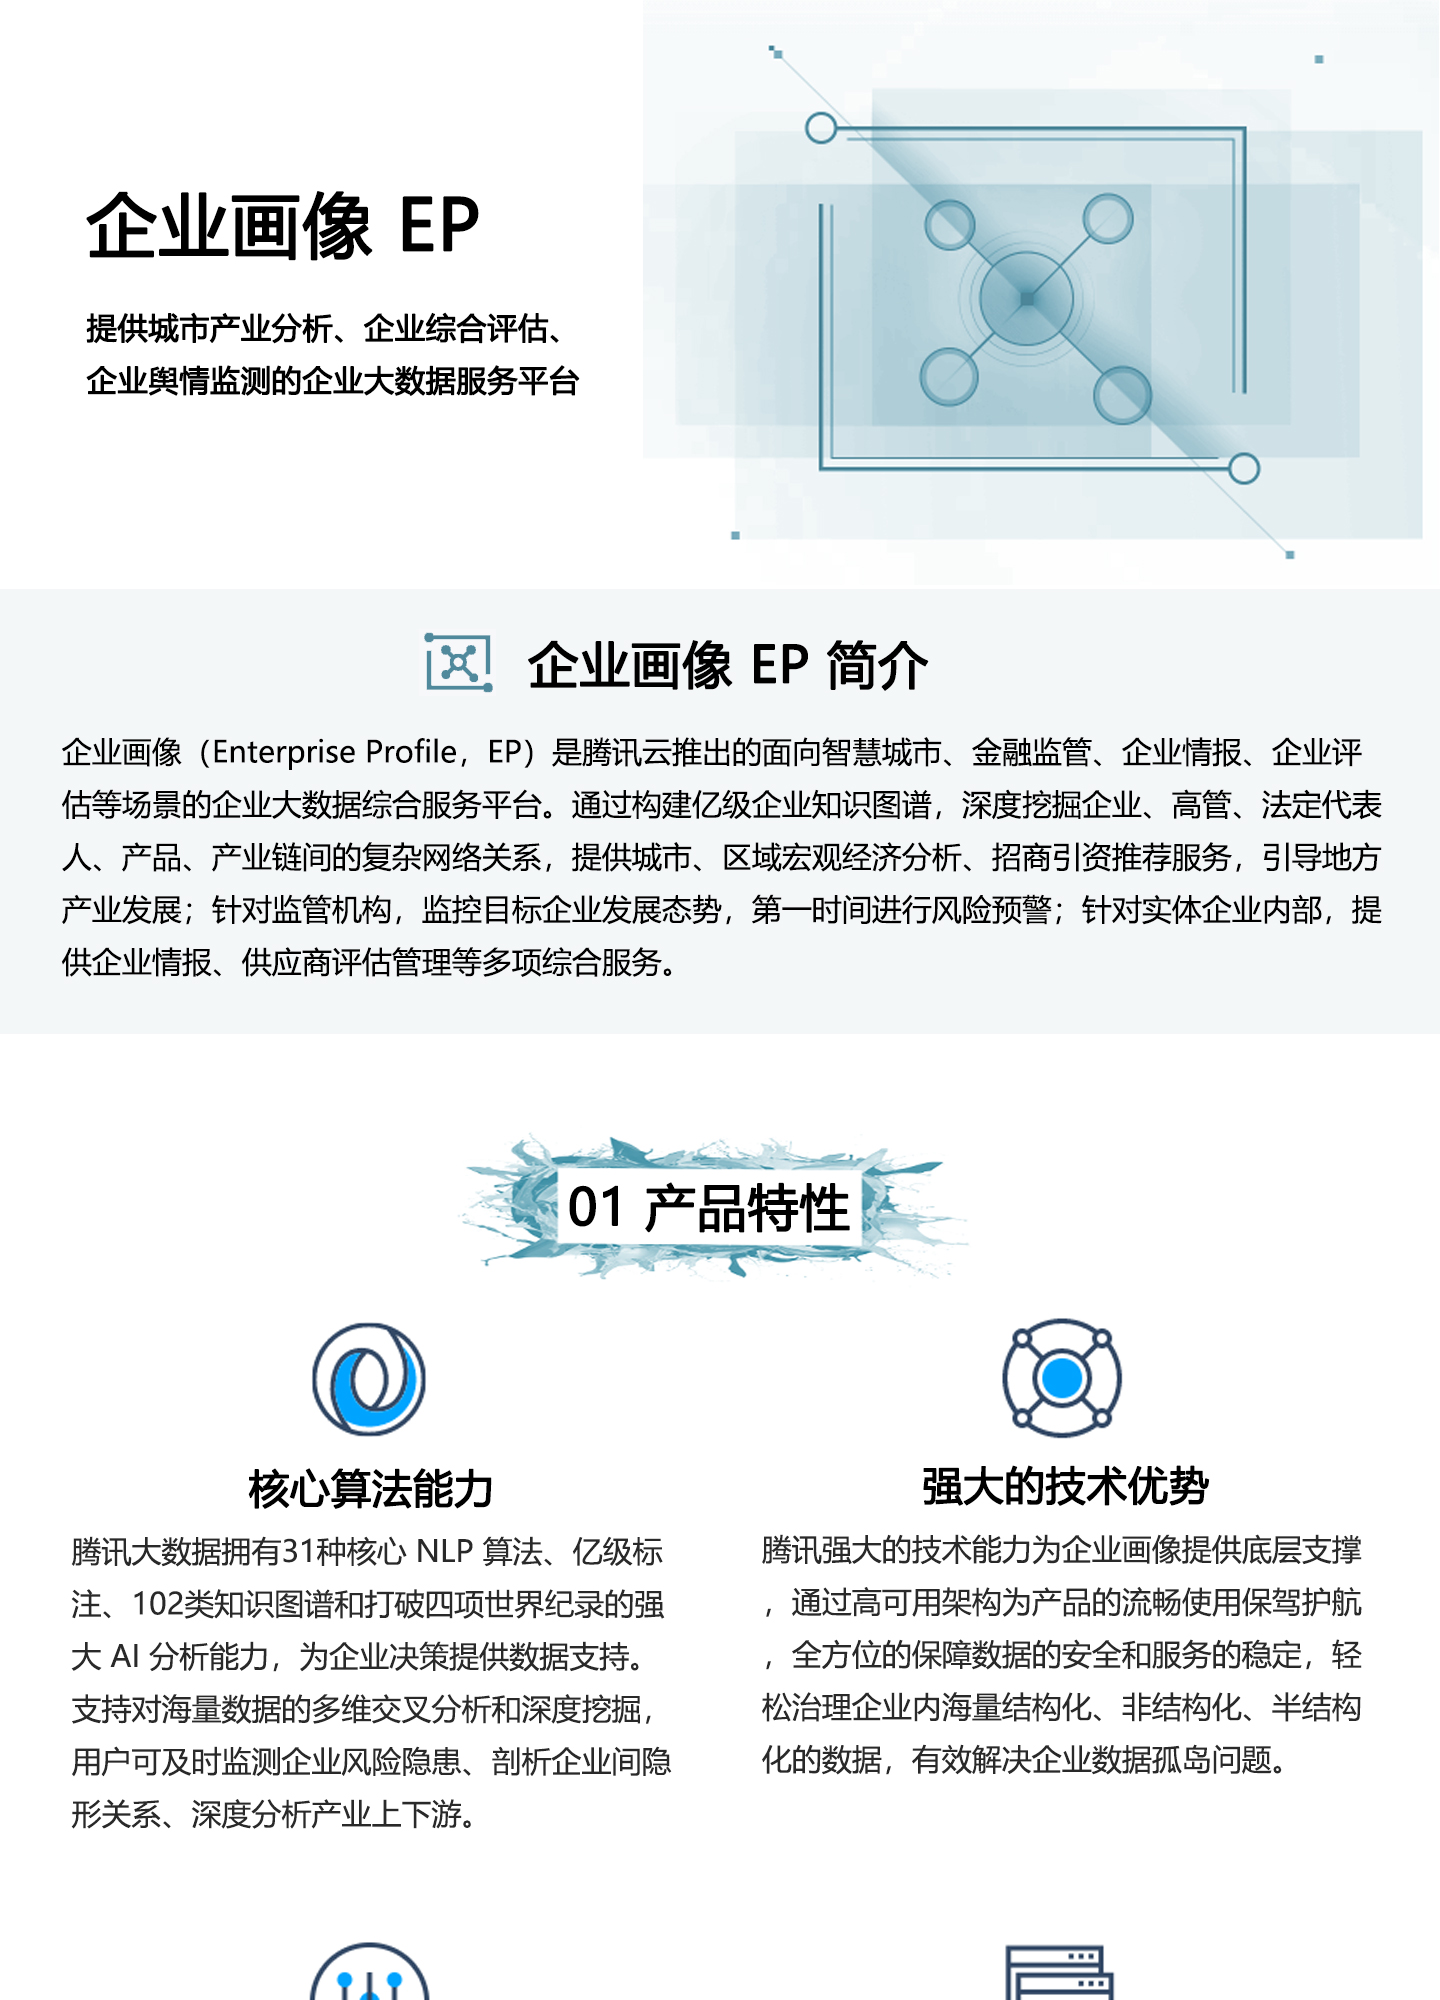 企业画像-EP1440_01.jpg